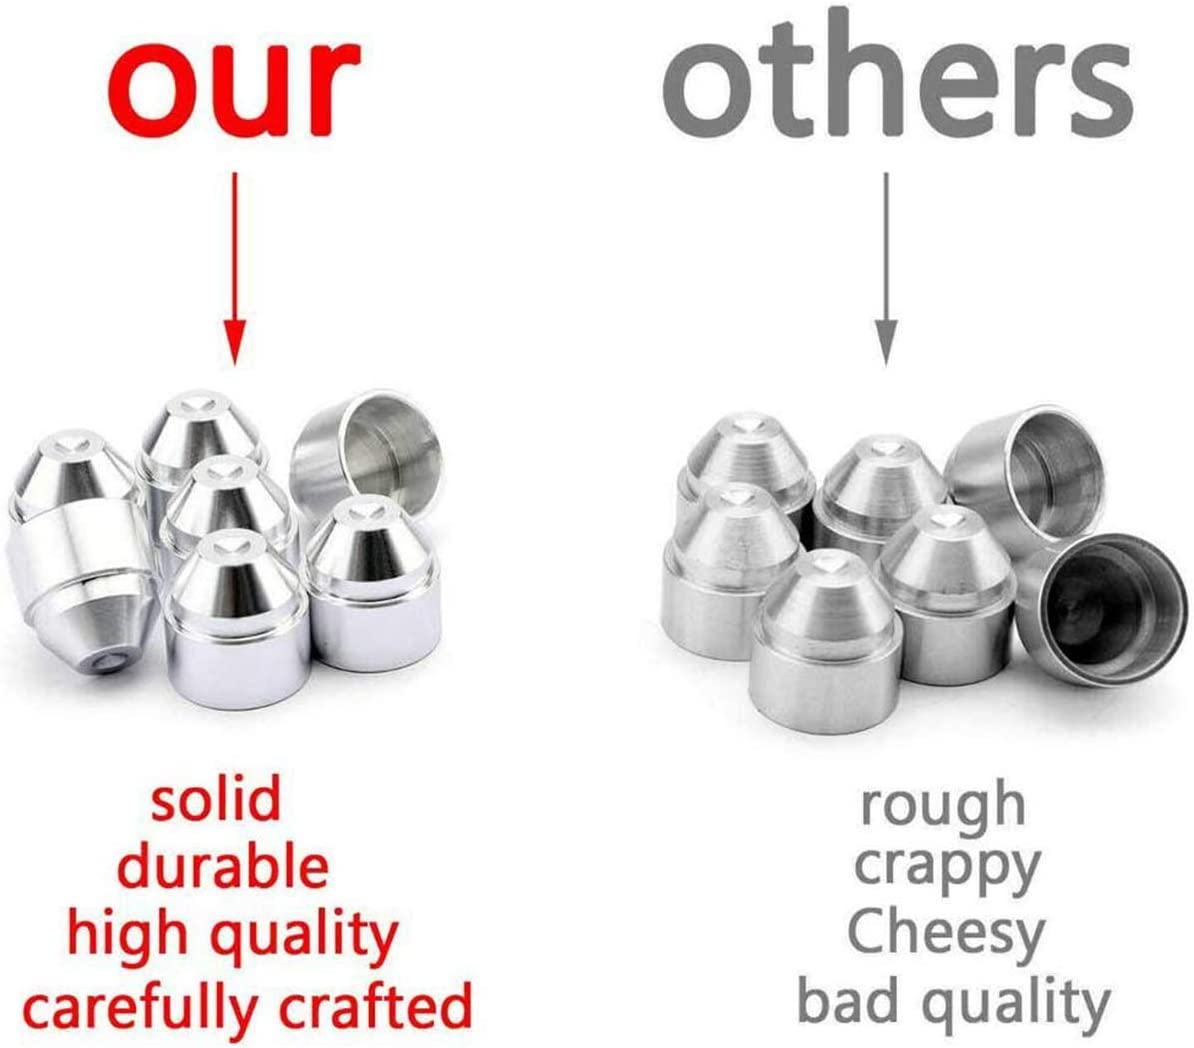 Qinsir Filtre /À Carburant Kit Voiture en Aluminium Filtre /À Carburant Filtre /À Carburant Outil 1//2-28 Ou 5//8-24